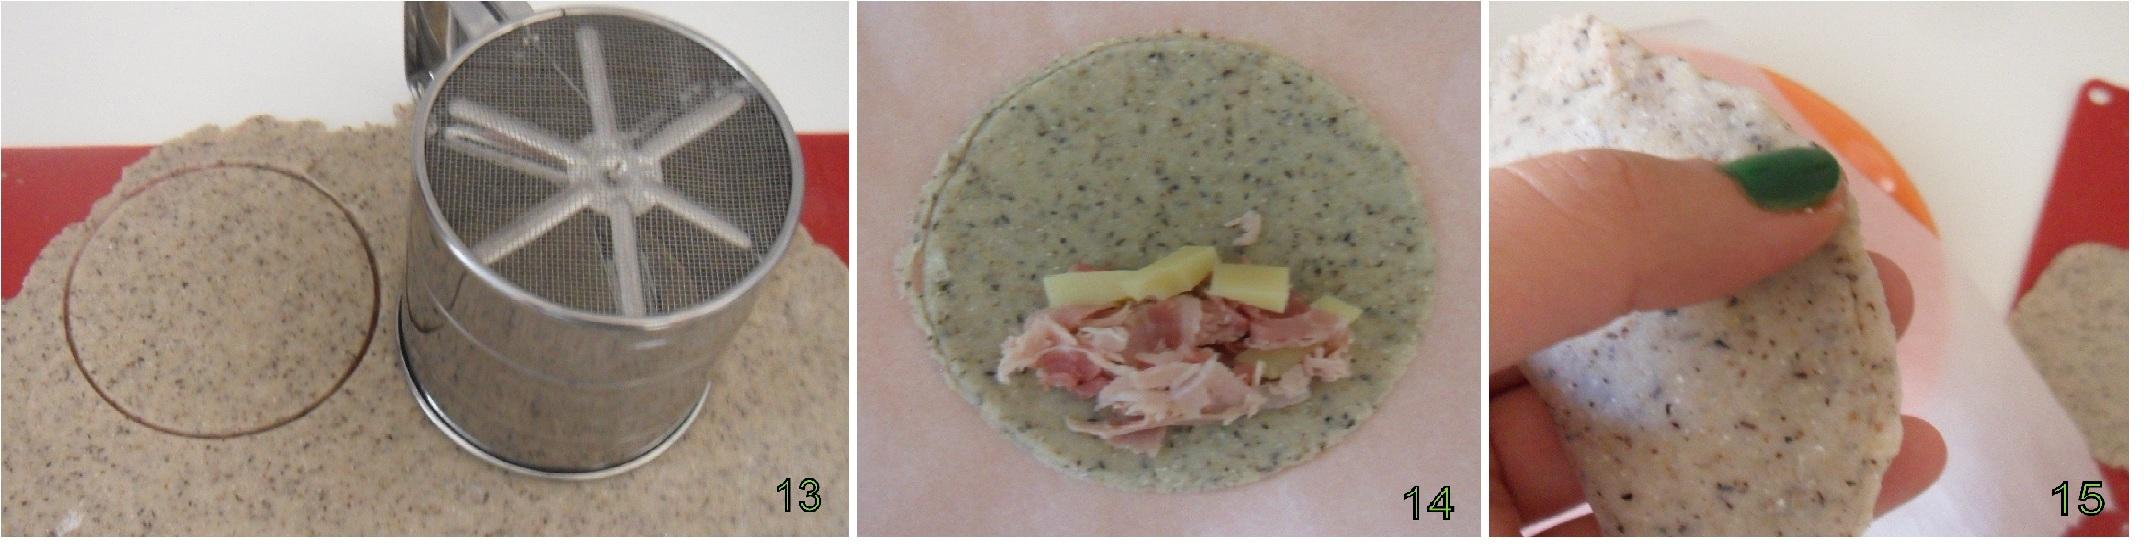 Sofficini fatti in casa con prosciutto e formaggio ricetta senza glutine il chicco di mais 5